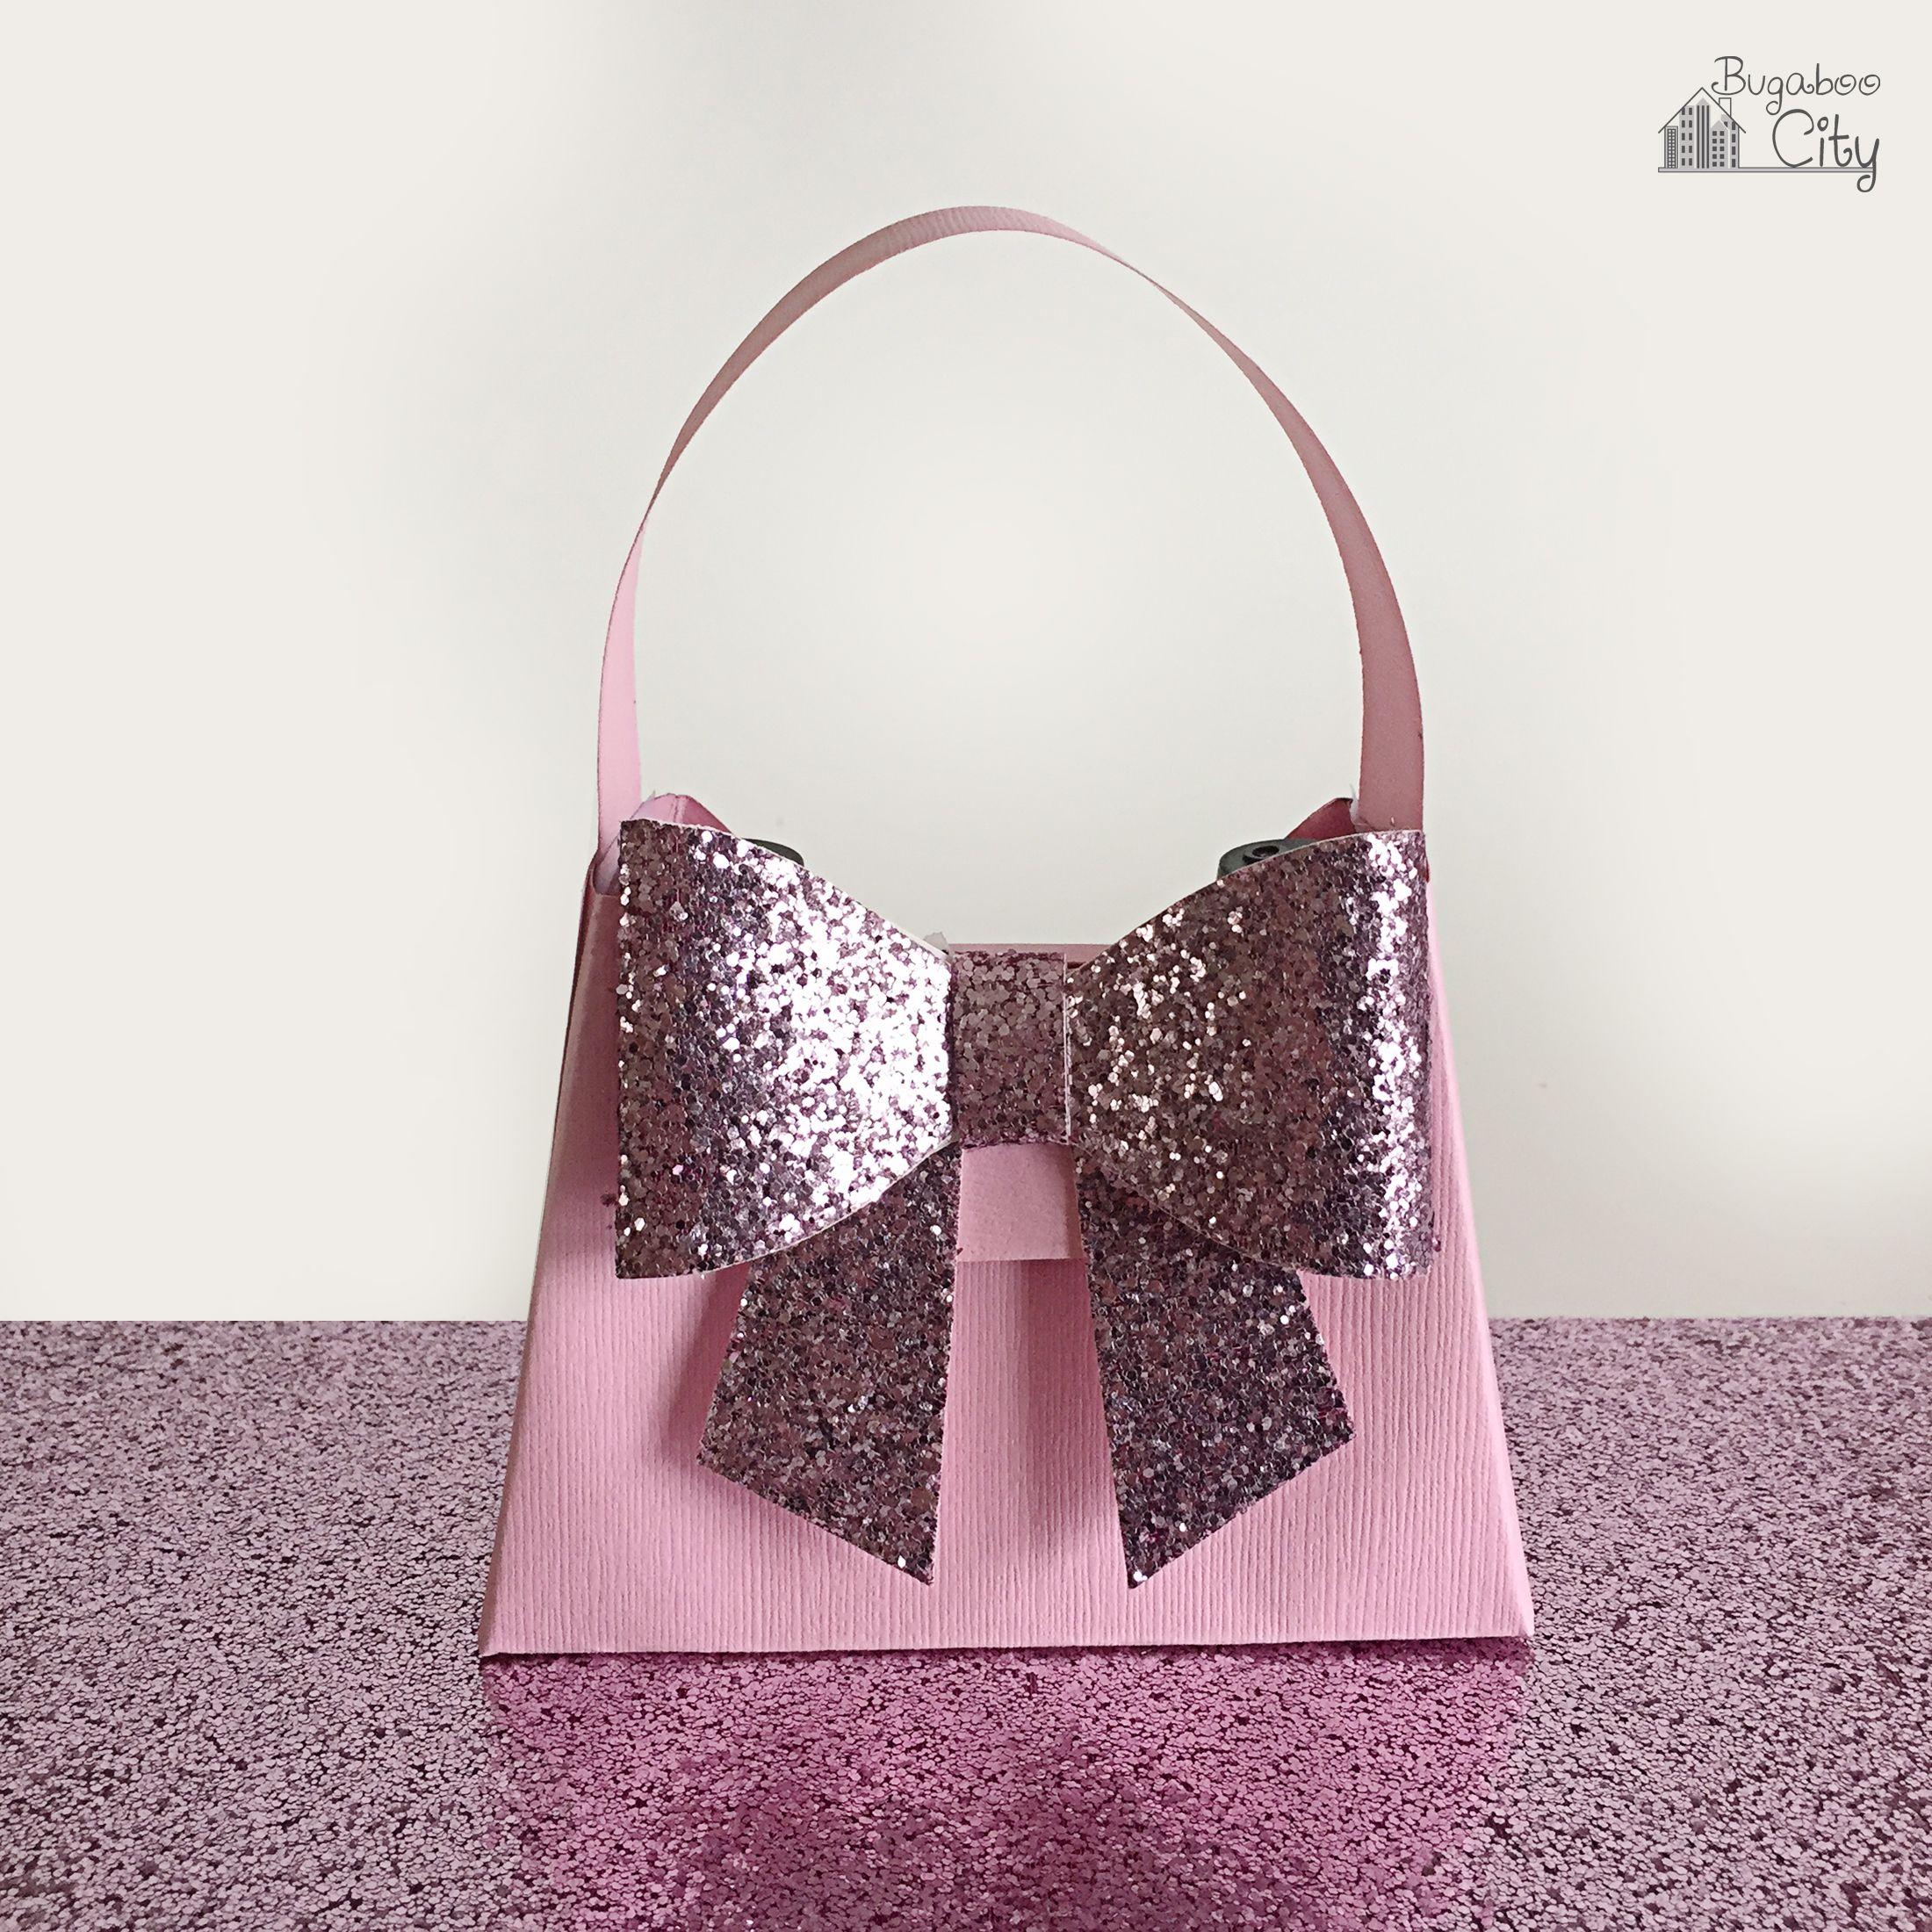 Bachelorette Party Favors: Paper Purse | Paper purse, Favors and ...